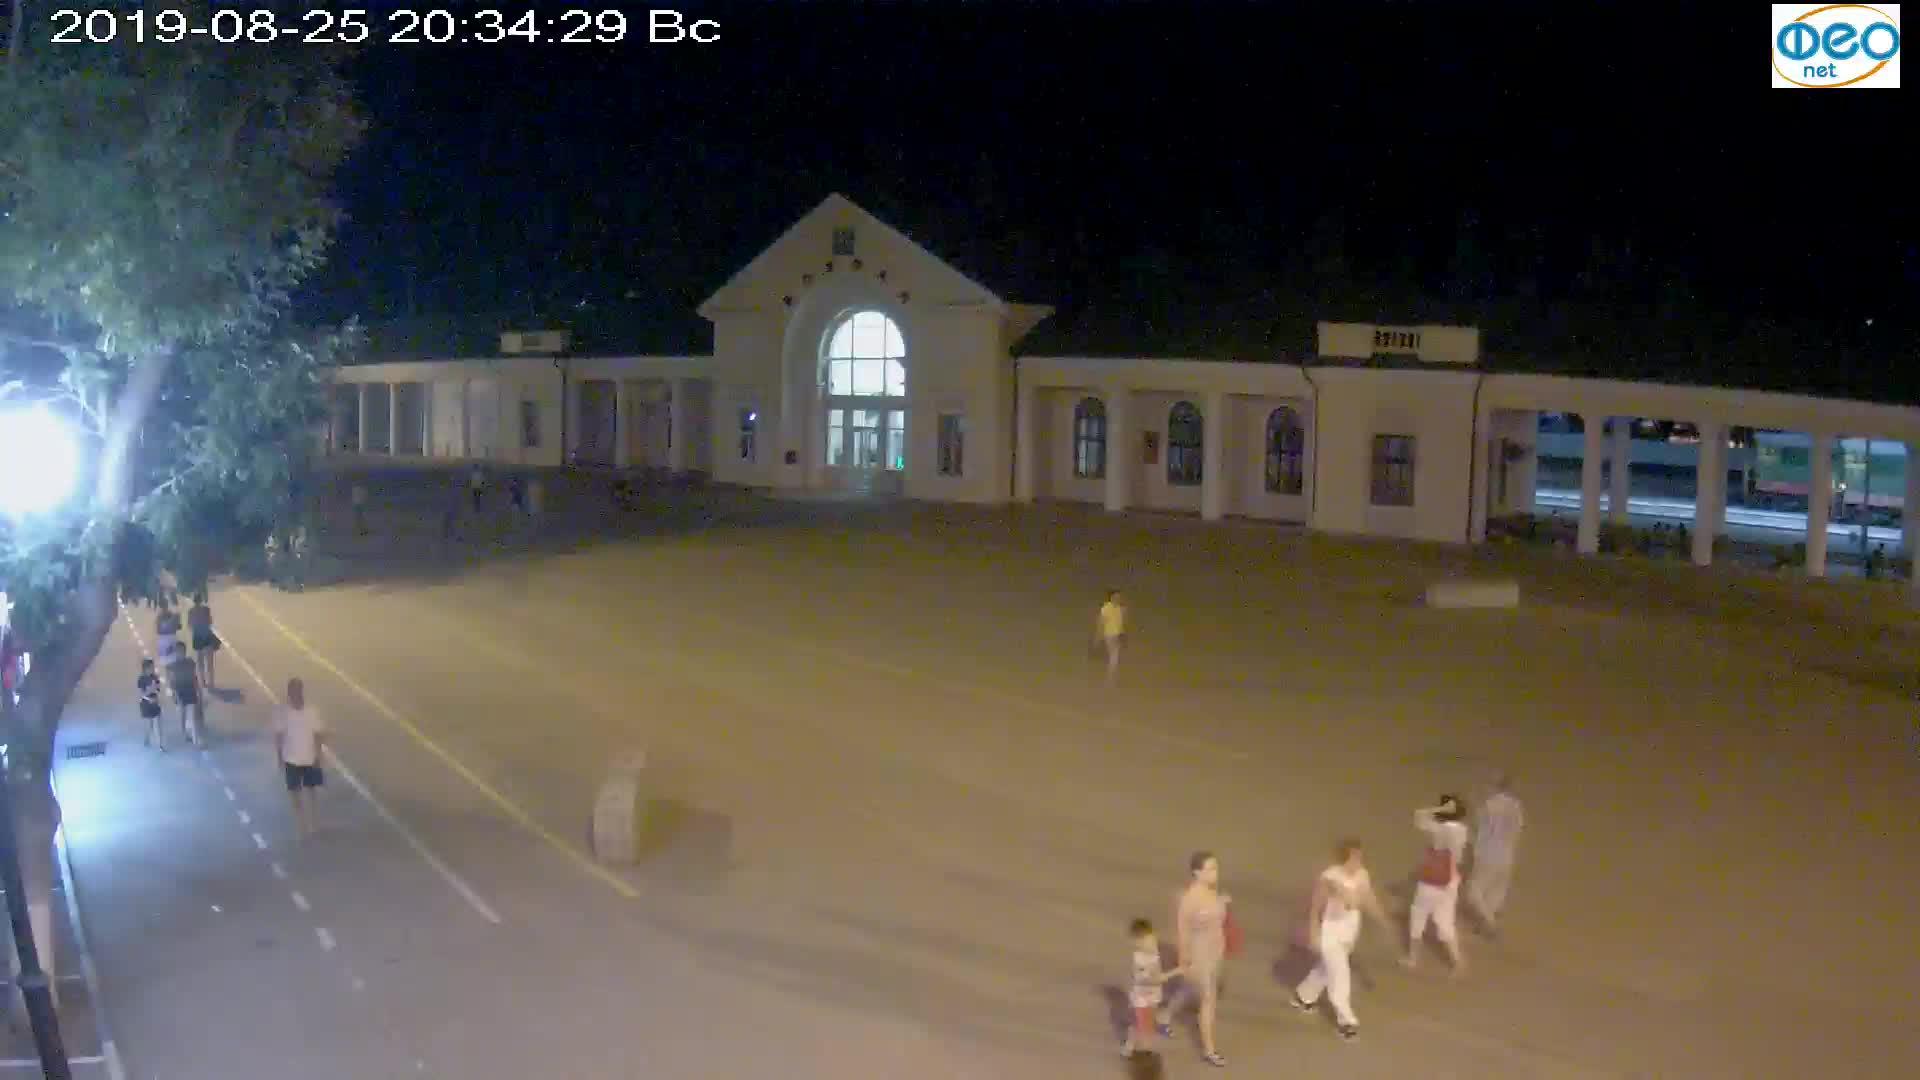 Веб-камеры Феодосии, Привокзальная площадь, 2019-08-25 20:50:05